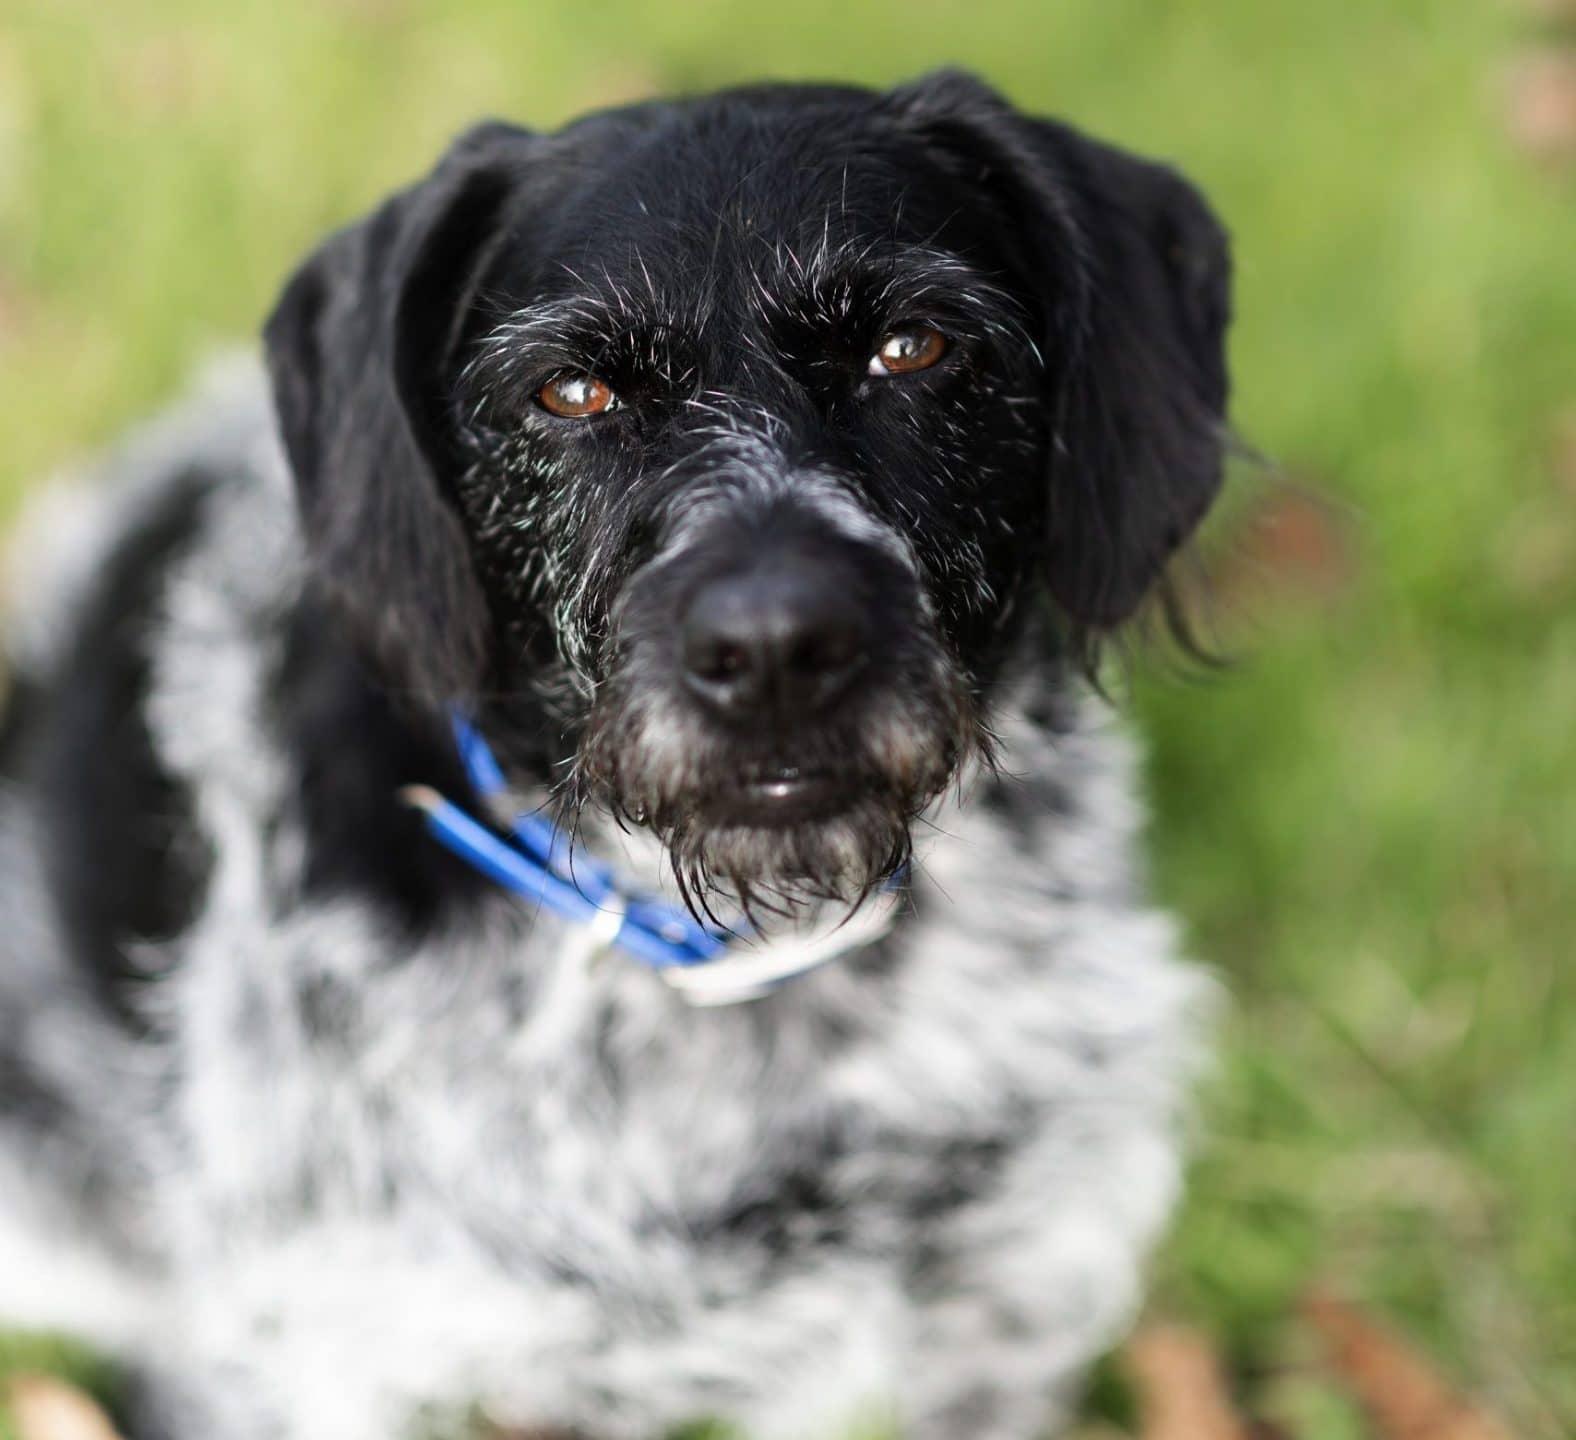 haley temoignage mathilde, comportementaliste canin a domicile, aurélie Frérou, hyper attachement, stress, angoisse, chien chasse, éduka'chien